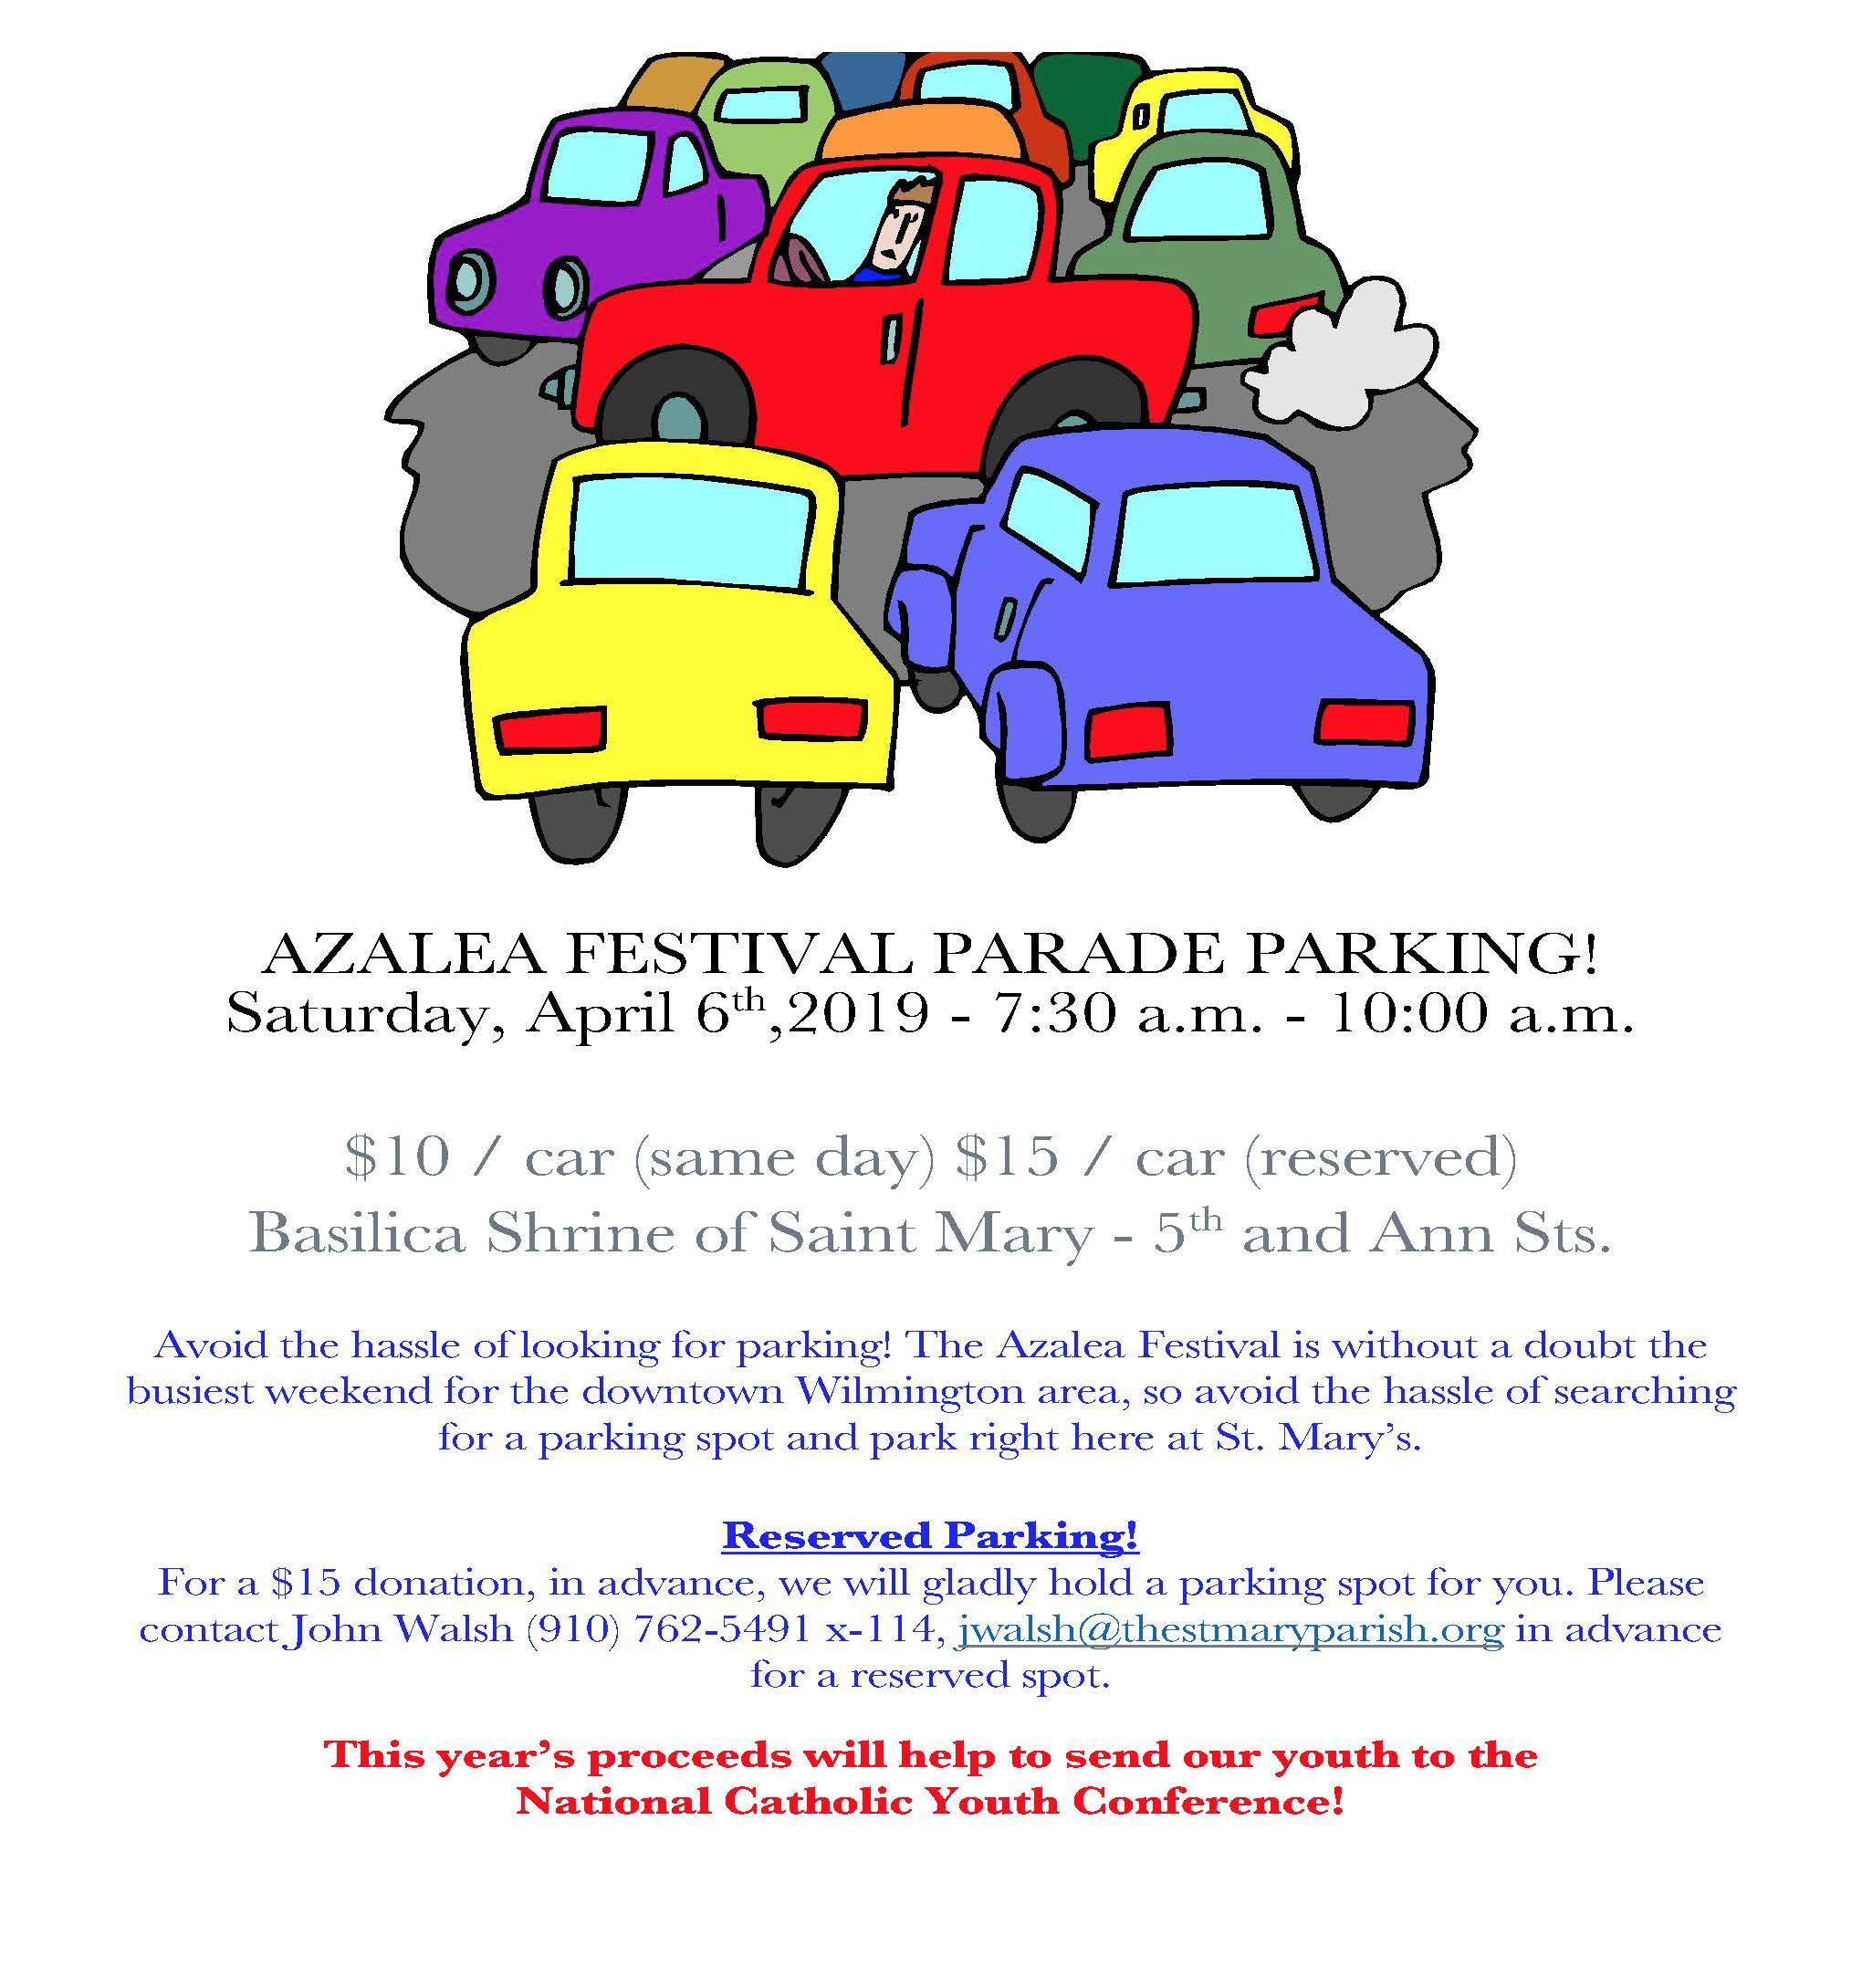 Azalea parking (3)